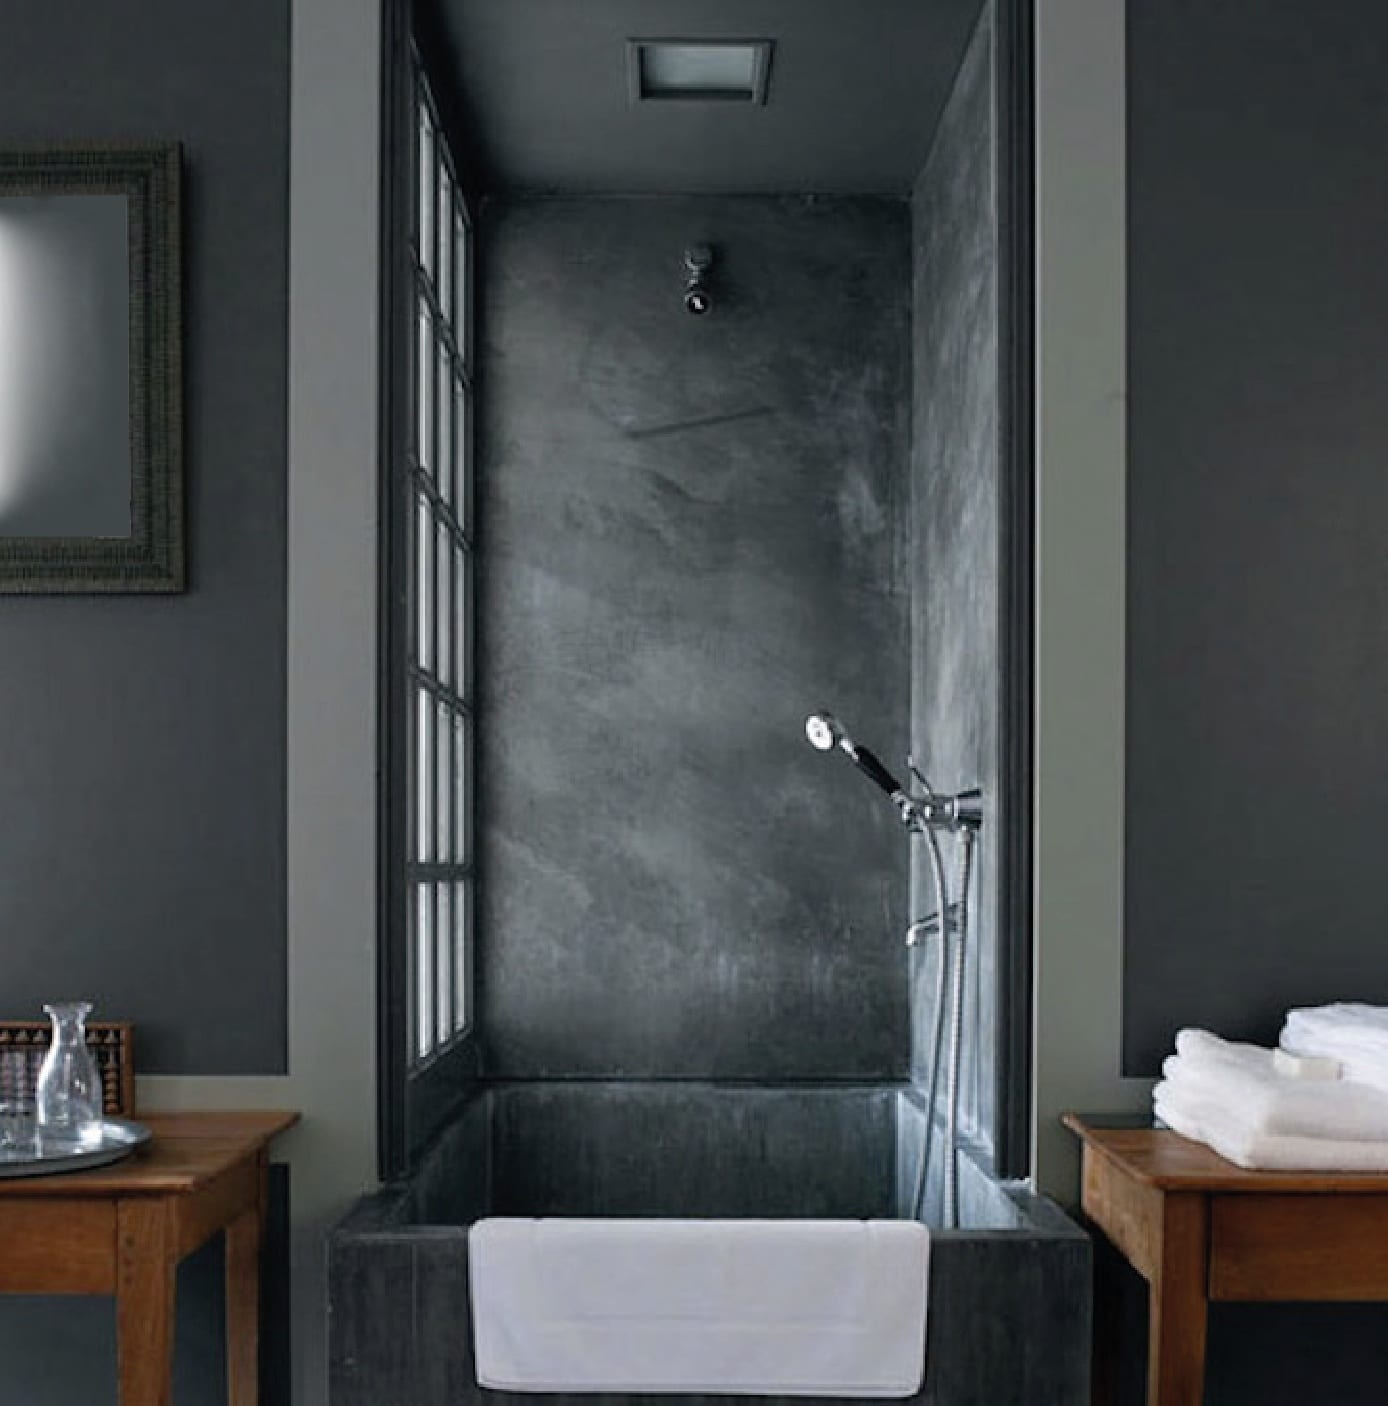 badezimmer grau - 50 ideen für badezimmergestaltung in grau, Moderne deko